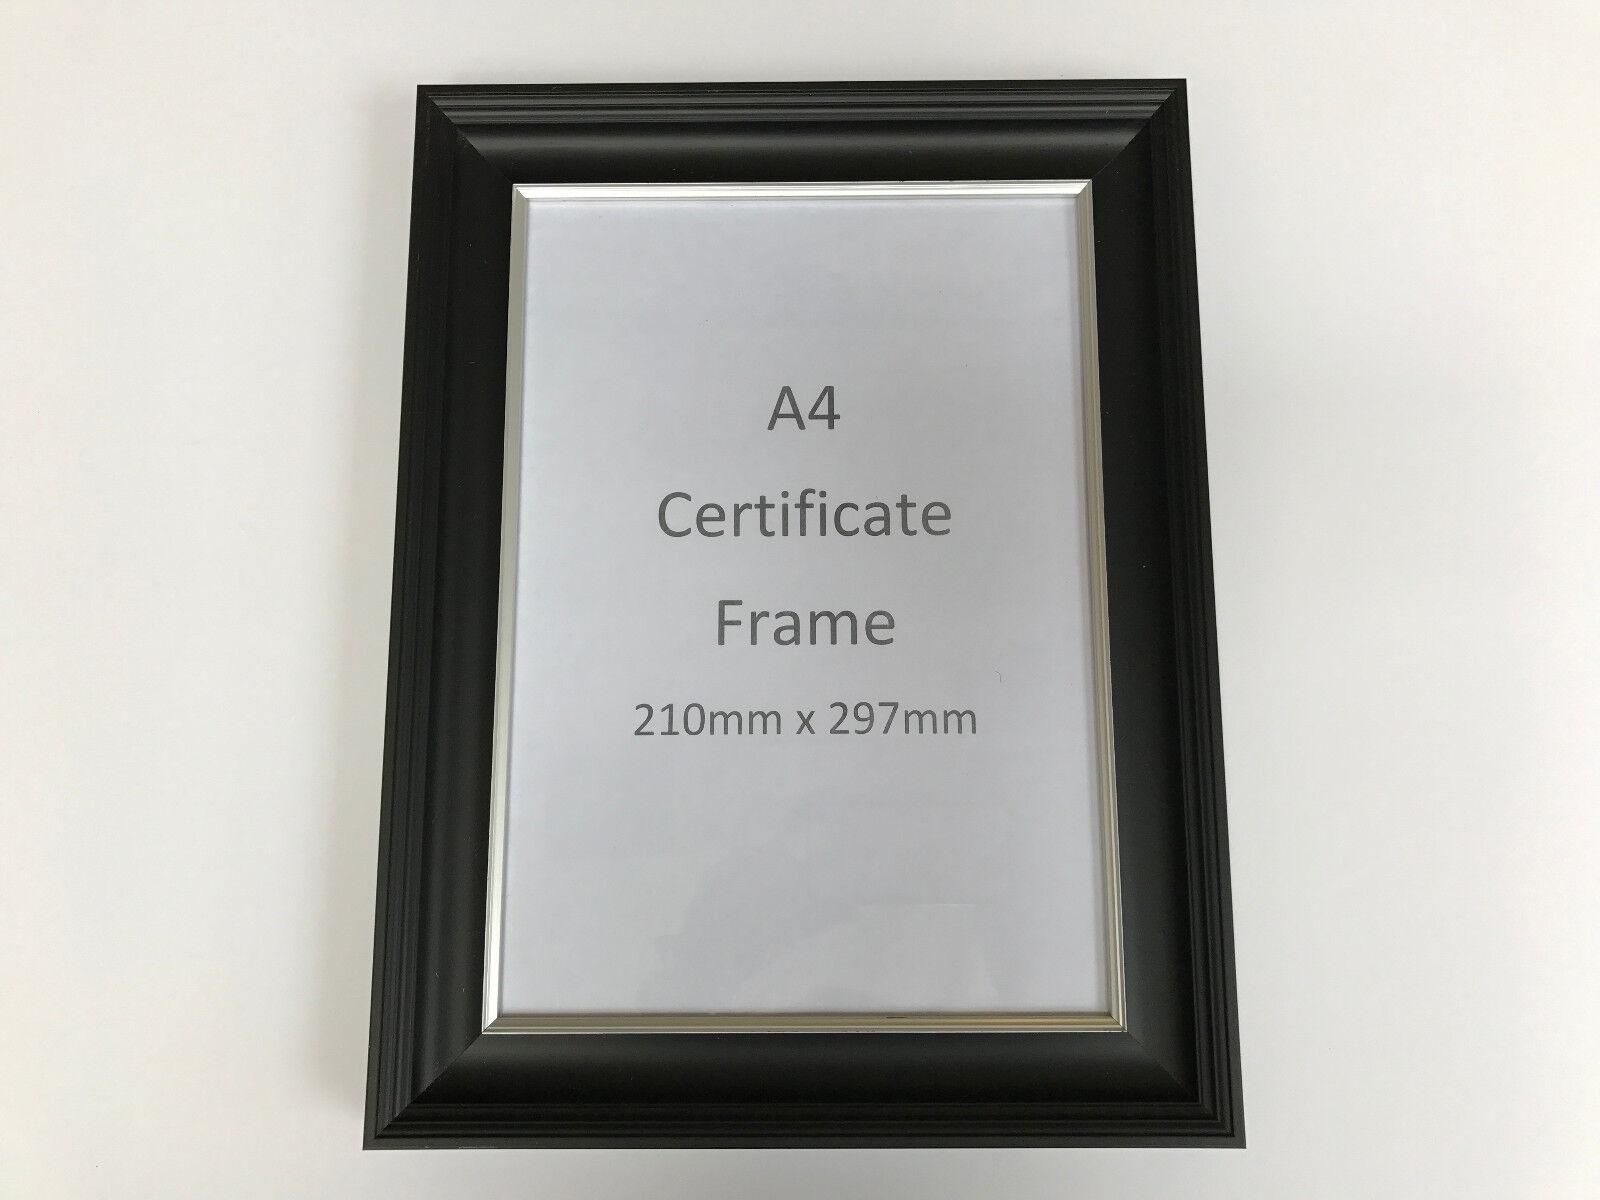 Moderne 37 mm NOIR & ARGENT PHOTO/cadre Tailles photo-Divers Tailles PHOTO/cadre Disponibles 3a83a4